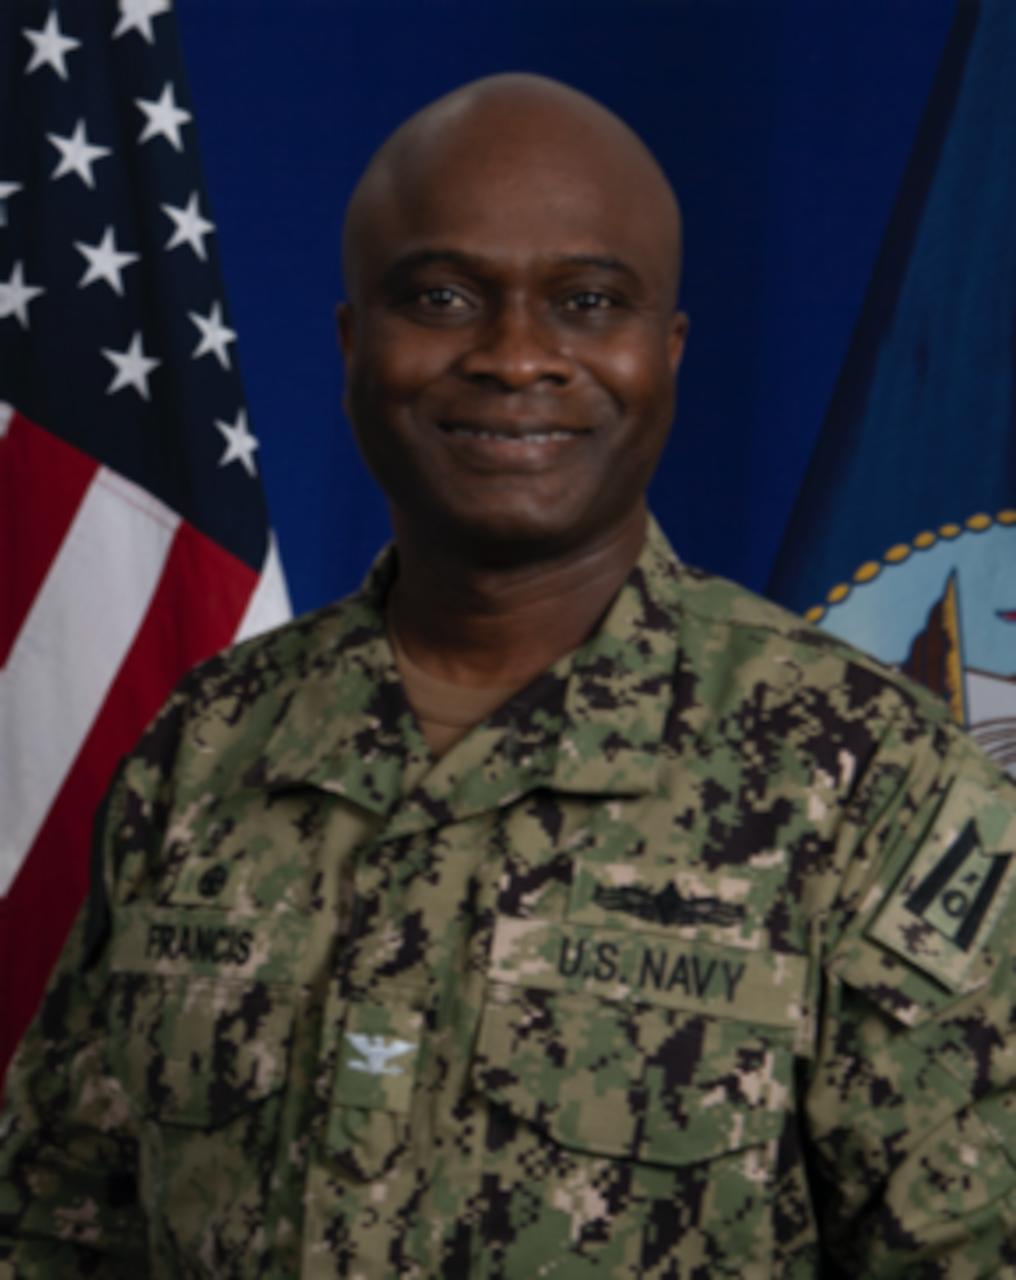 Studio portrait of Capt. Robert C. Francis Jr